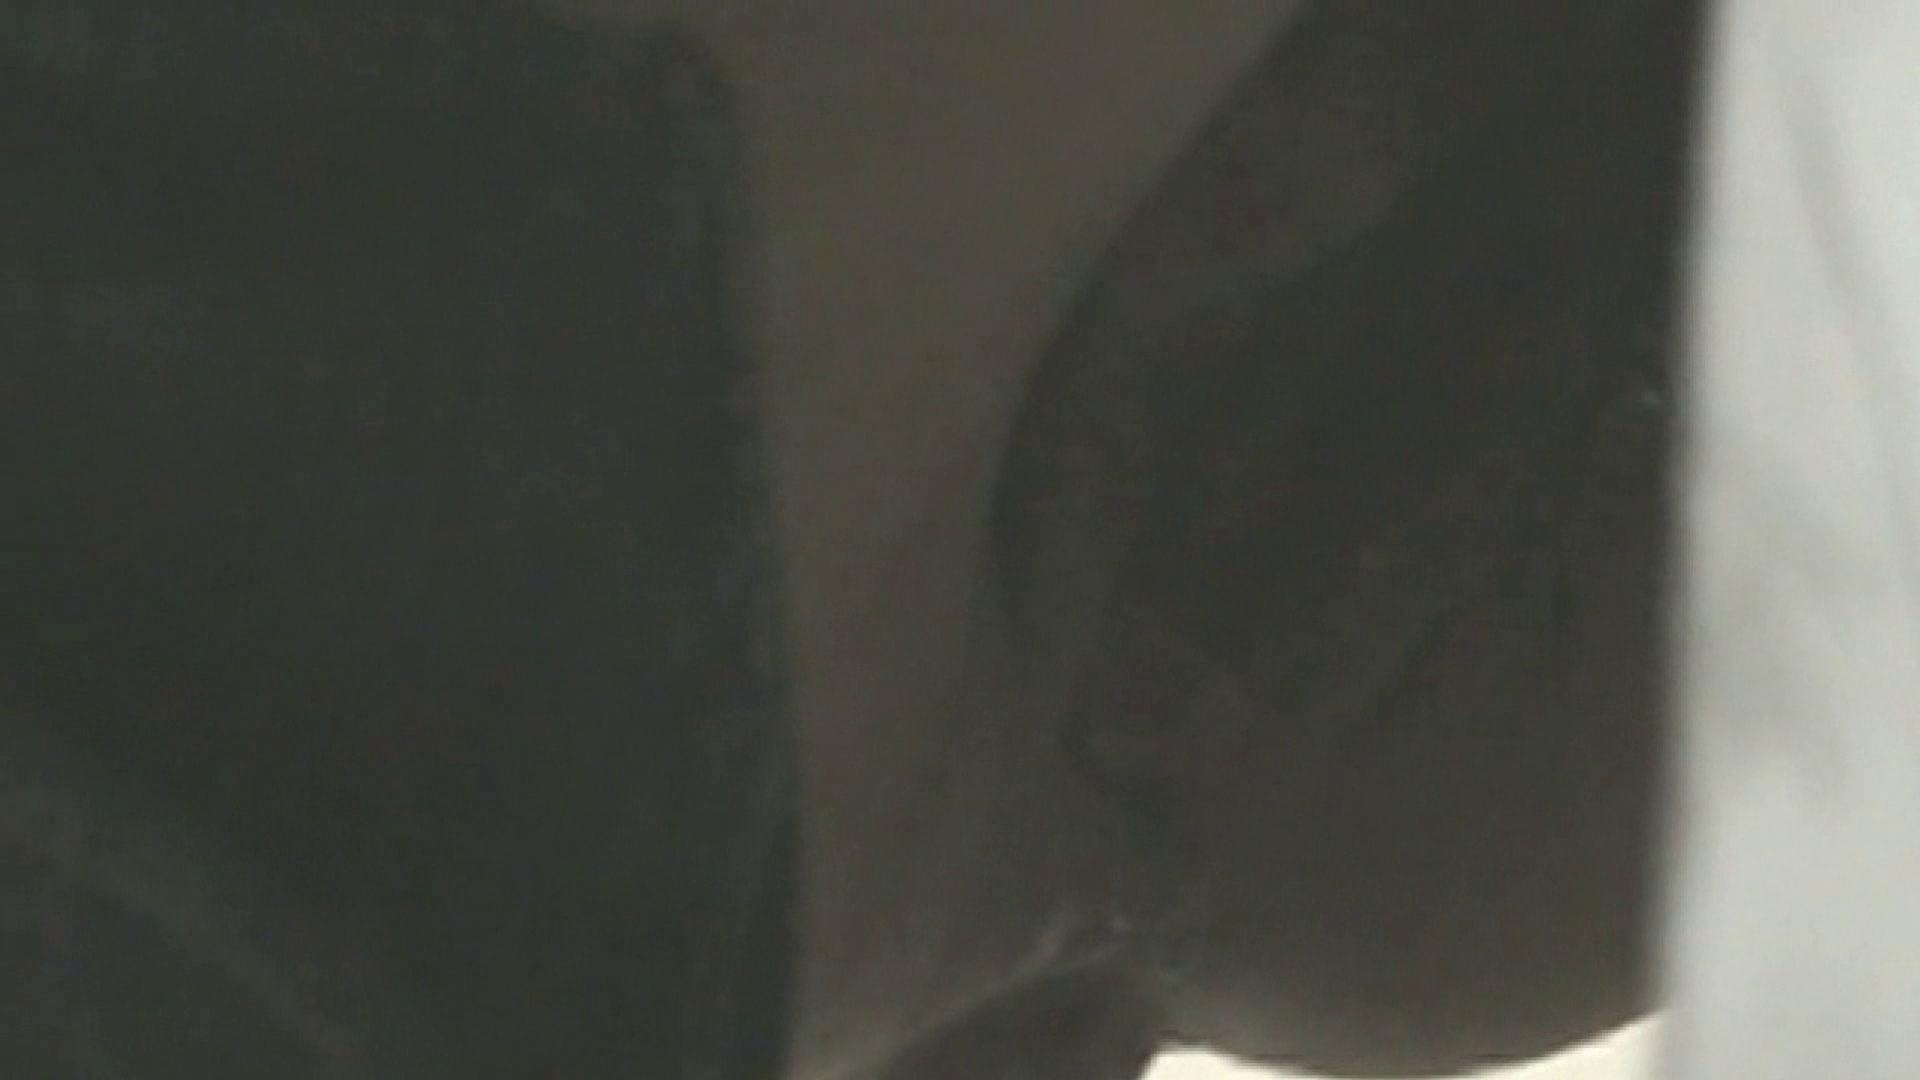 ロックハンドさんの盗撮記録File.47 オマンコ見放題 | パンティ  11枚 1